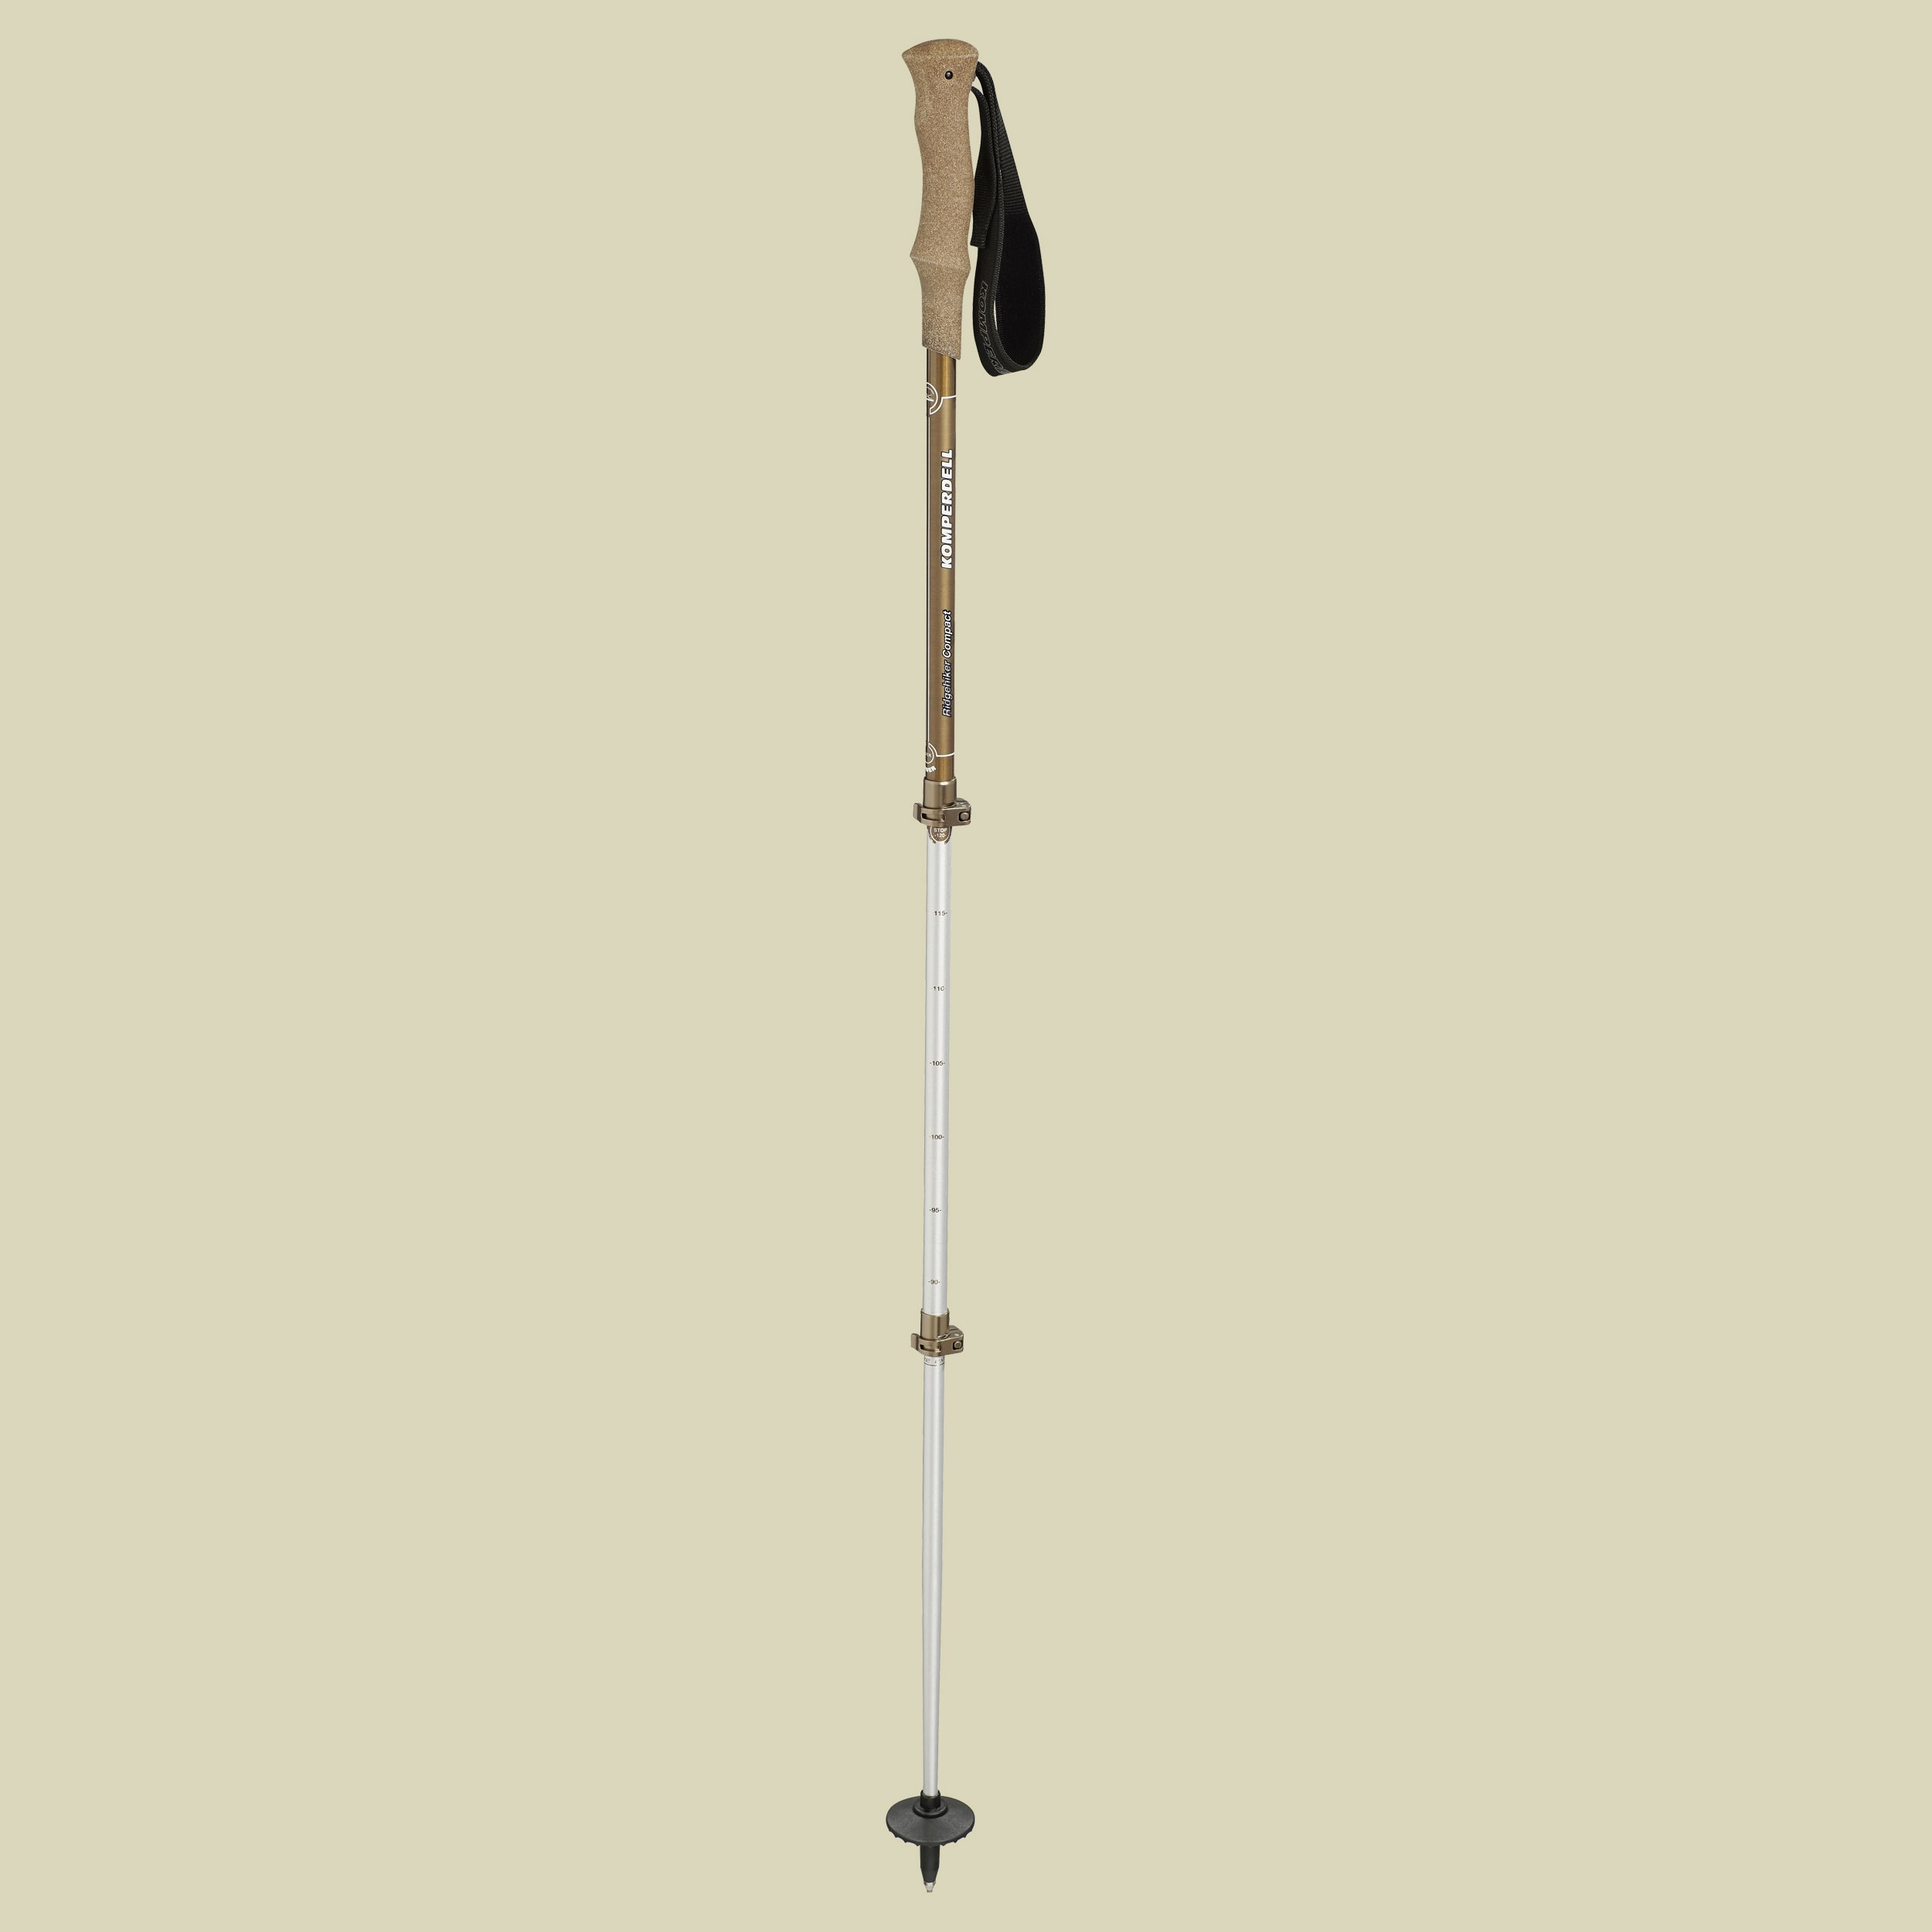 Komperdell, Ridgehiker Compact Power Lock 15, Länge:bis120cm, Trekkingstöcke, Farbe:silber-braun